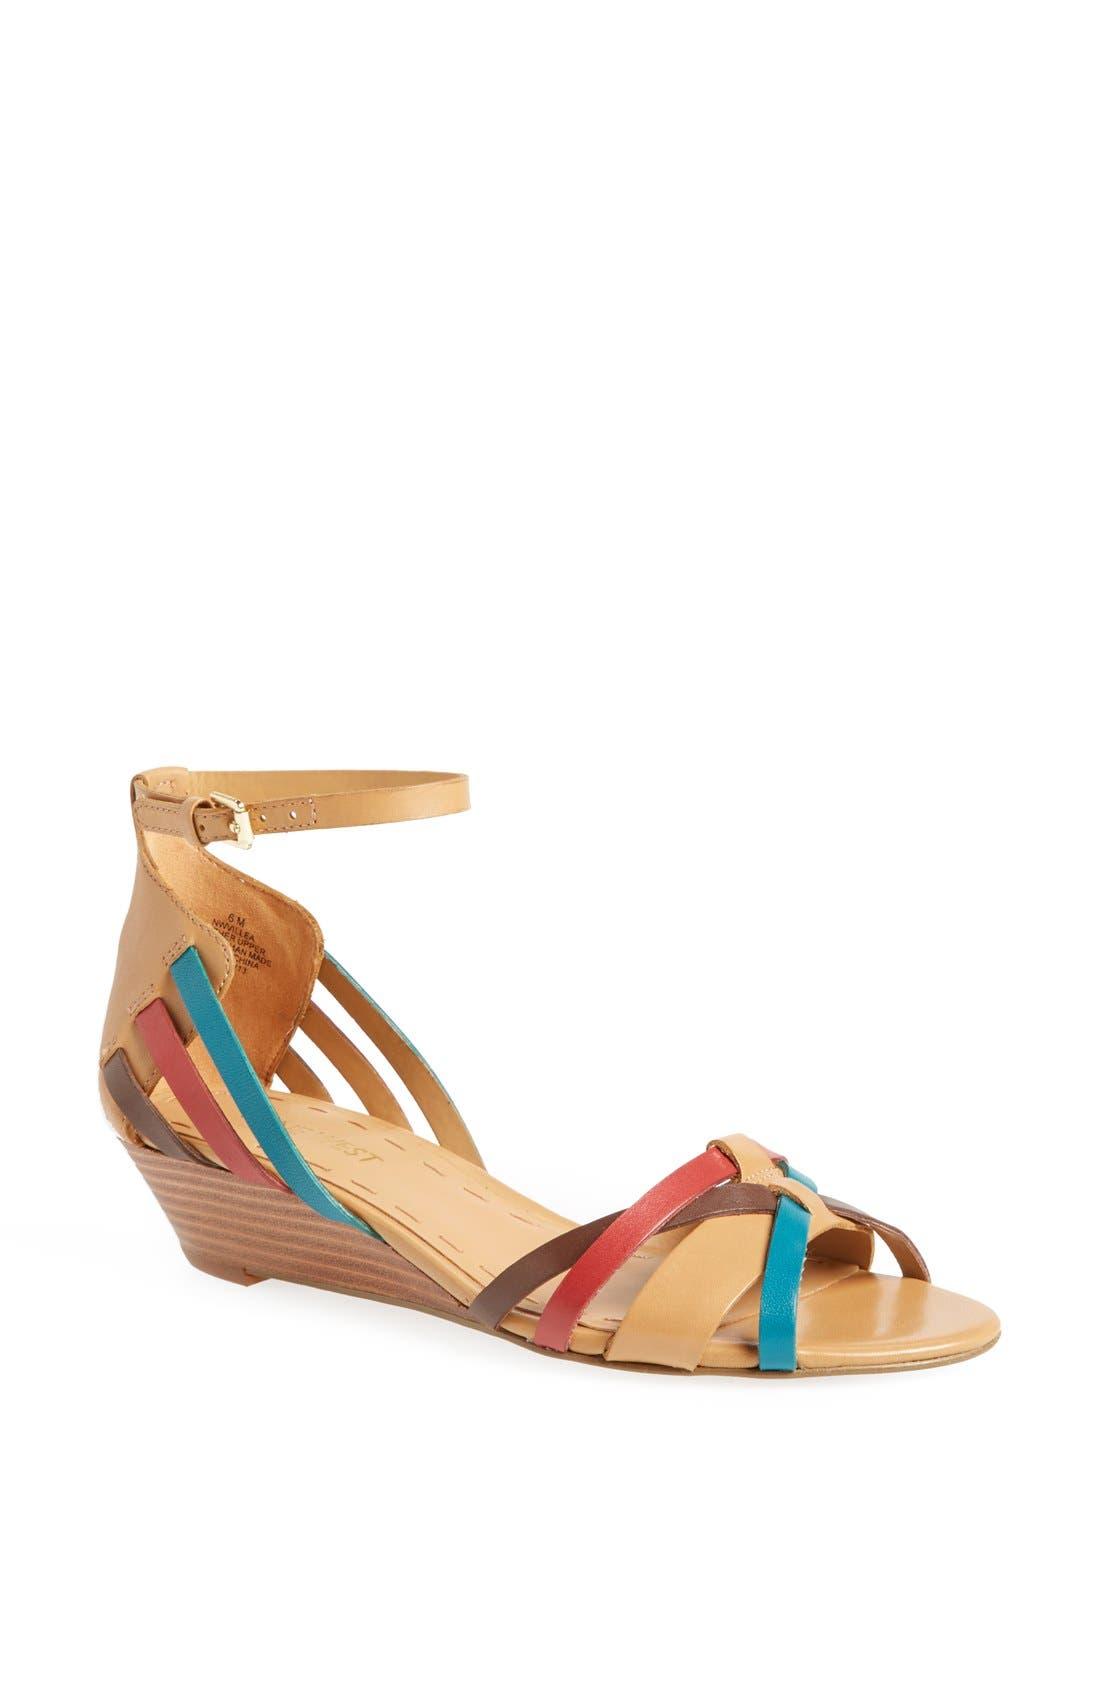 Main Image - Nine West 'Villea' Ankle Strap Wedge Sandal